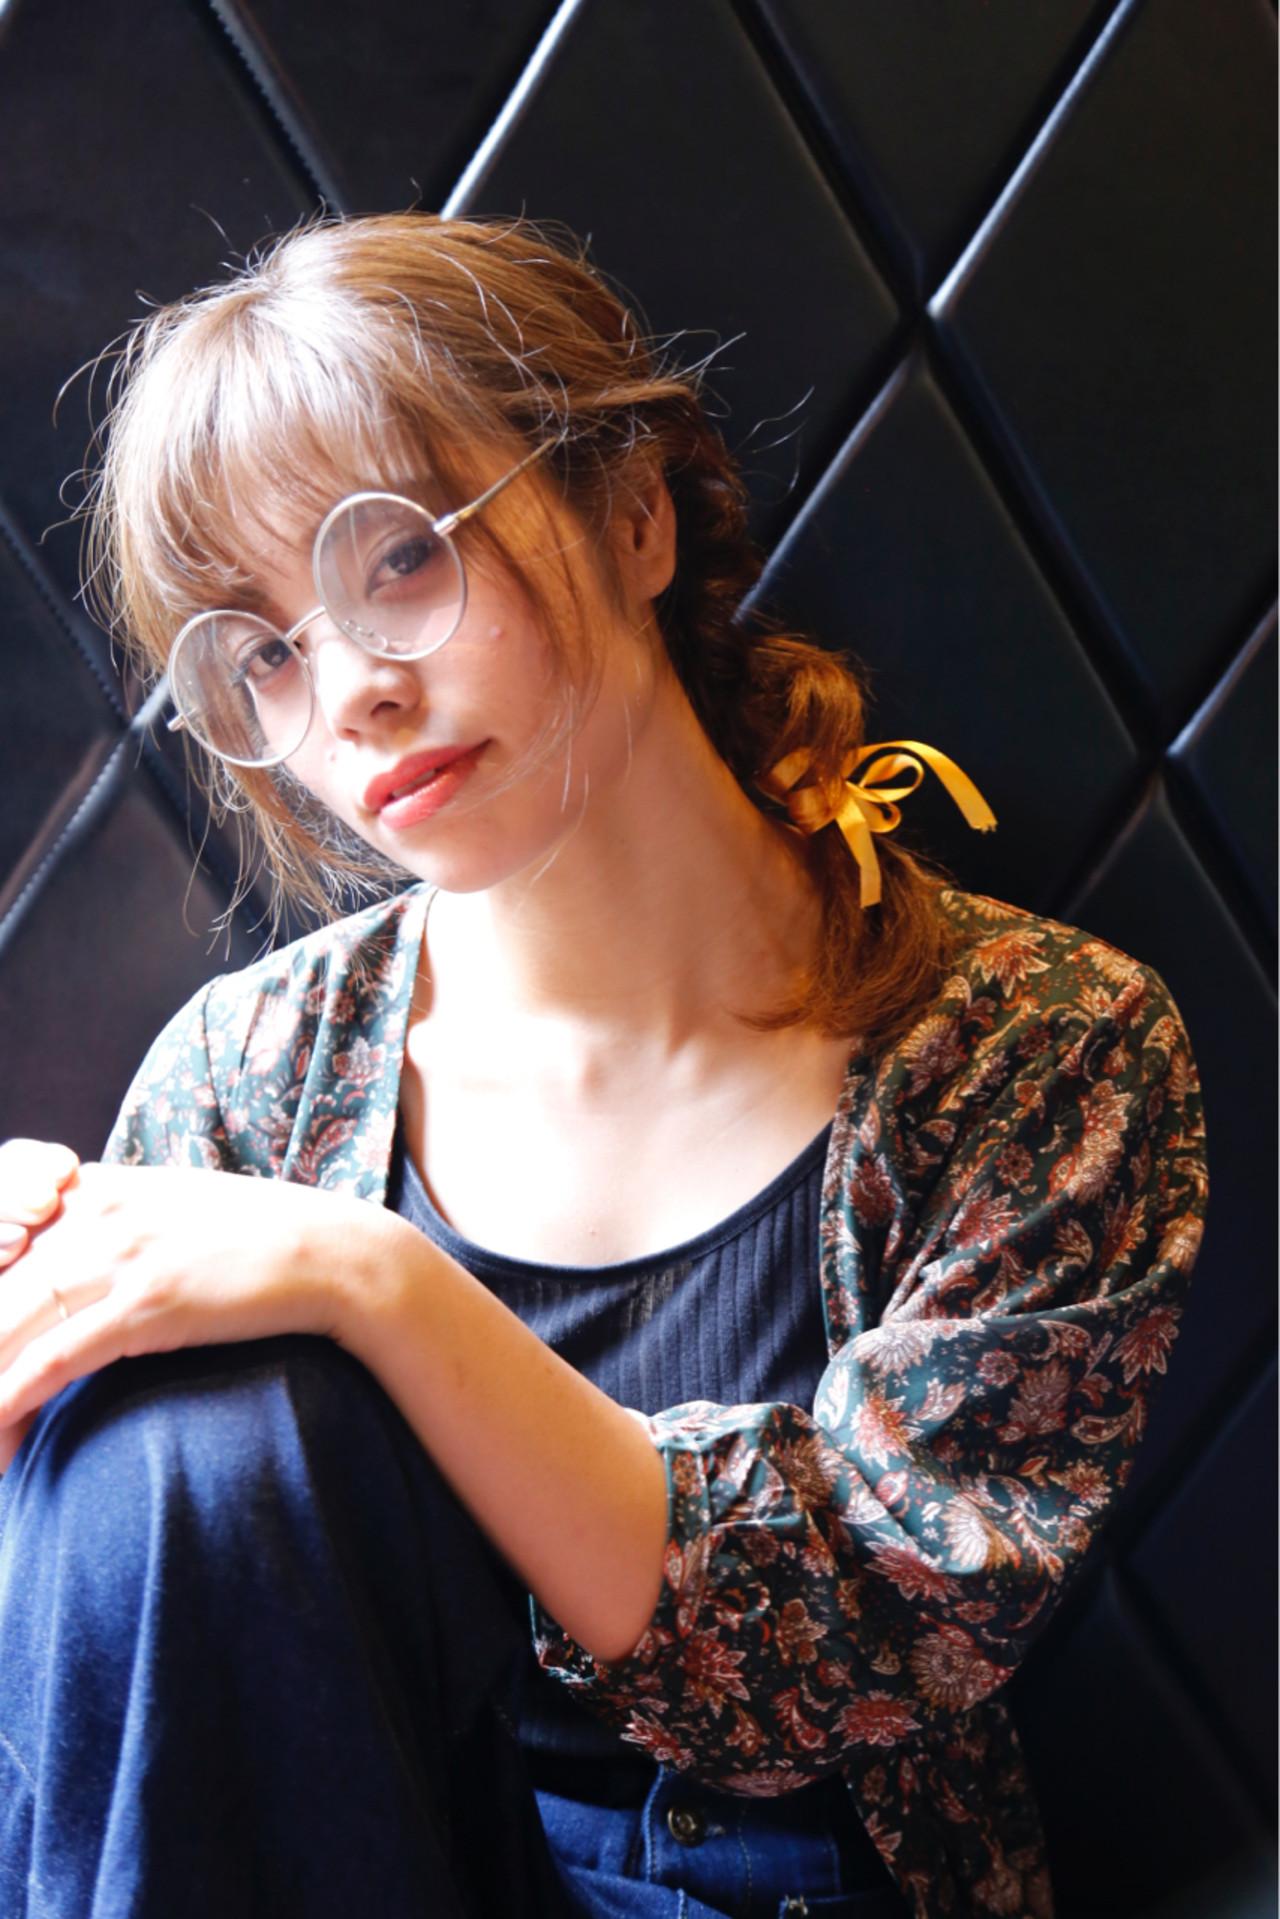 ヘアアレンジ 抜け感 秋 透明感 ヘアスタイルや髪型の写真・画像 | 中村 猛 / MODE K's 塚本店 (モードケイズ)